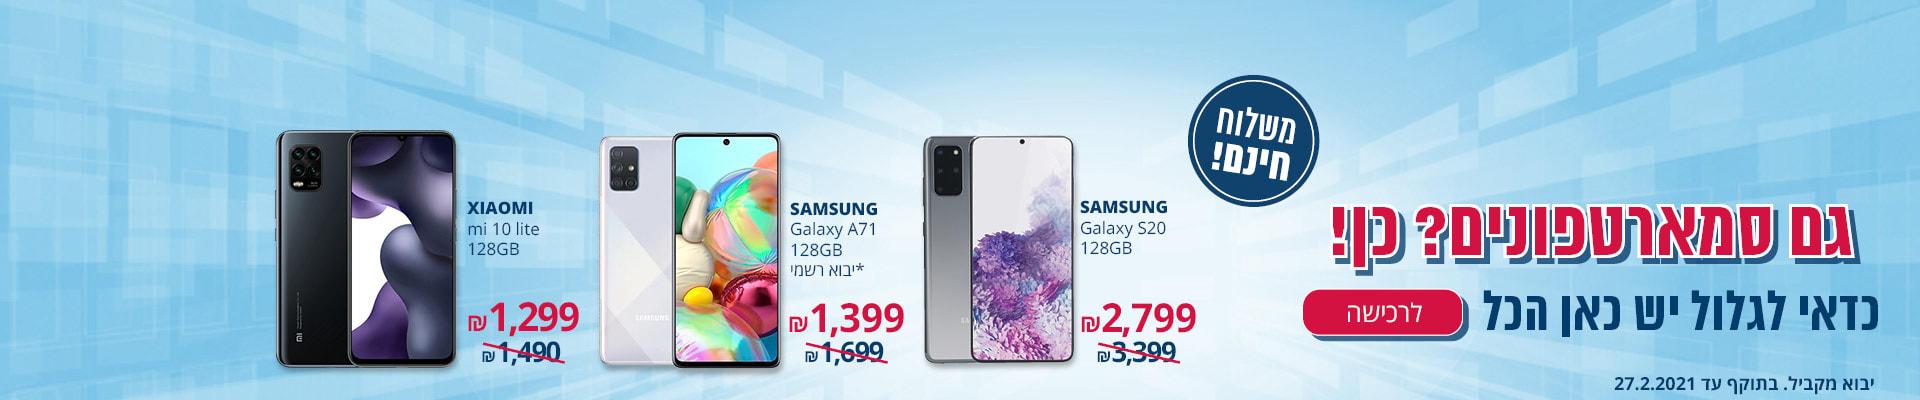 מגוון סמארטפונים במחירים מיוחדים! SAMSUNG GALAXY S20 128GB 2799 ₪ ,A71 128GB SAMSUNG GALAXY * יבוא רשמי 1399 ₪ , XIAOMI MI 10 LITE 128GB 1299 ₪ לרכישה משלוח חינם בתוקף עד 27.2.2021